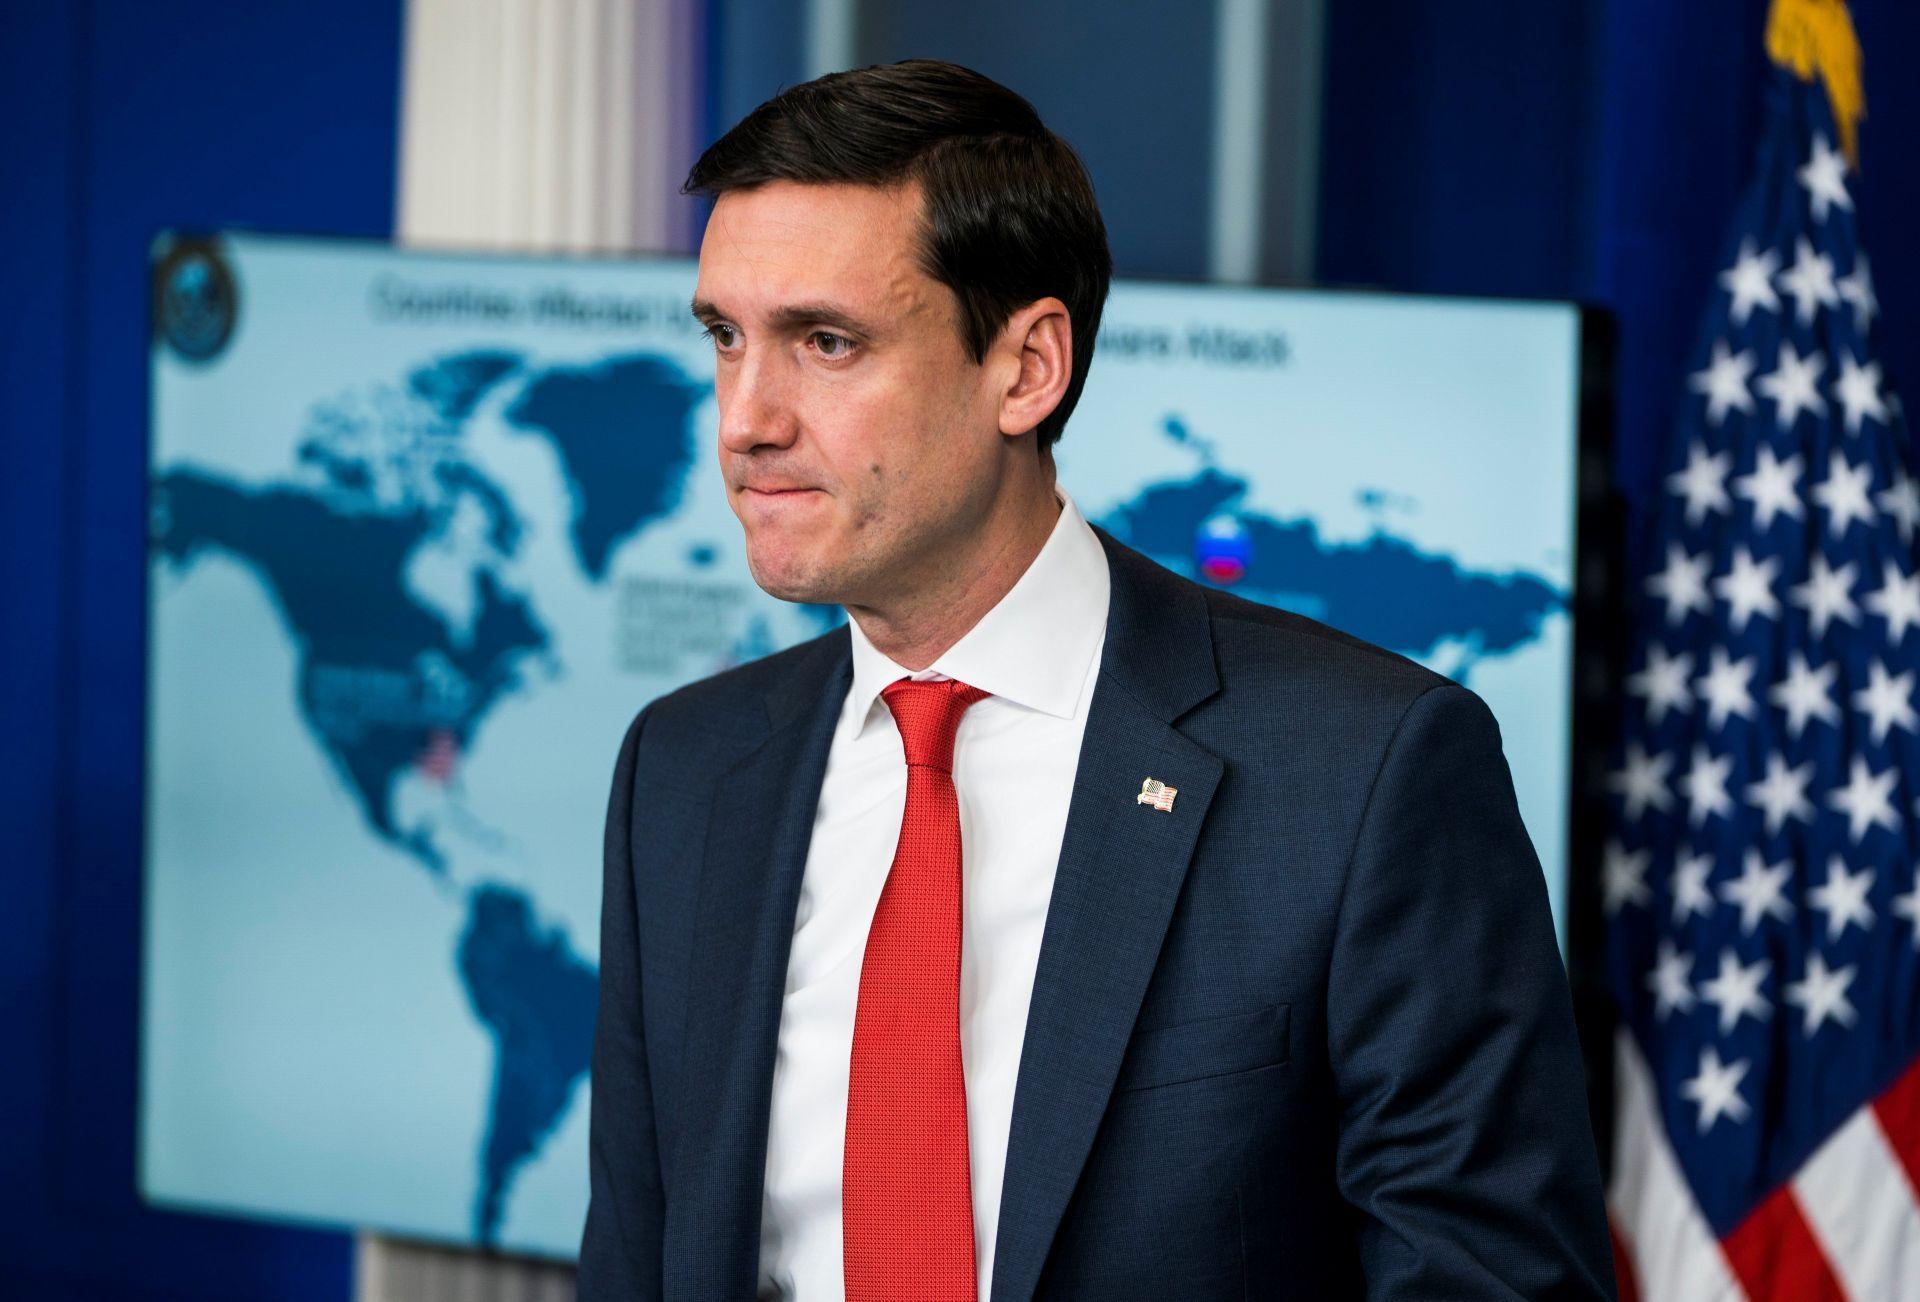 EEUU acusa a Corea del Norte por el ataque cibernético WannaCry